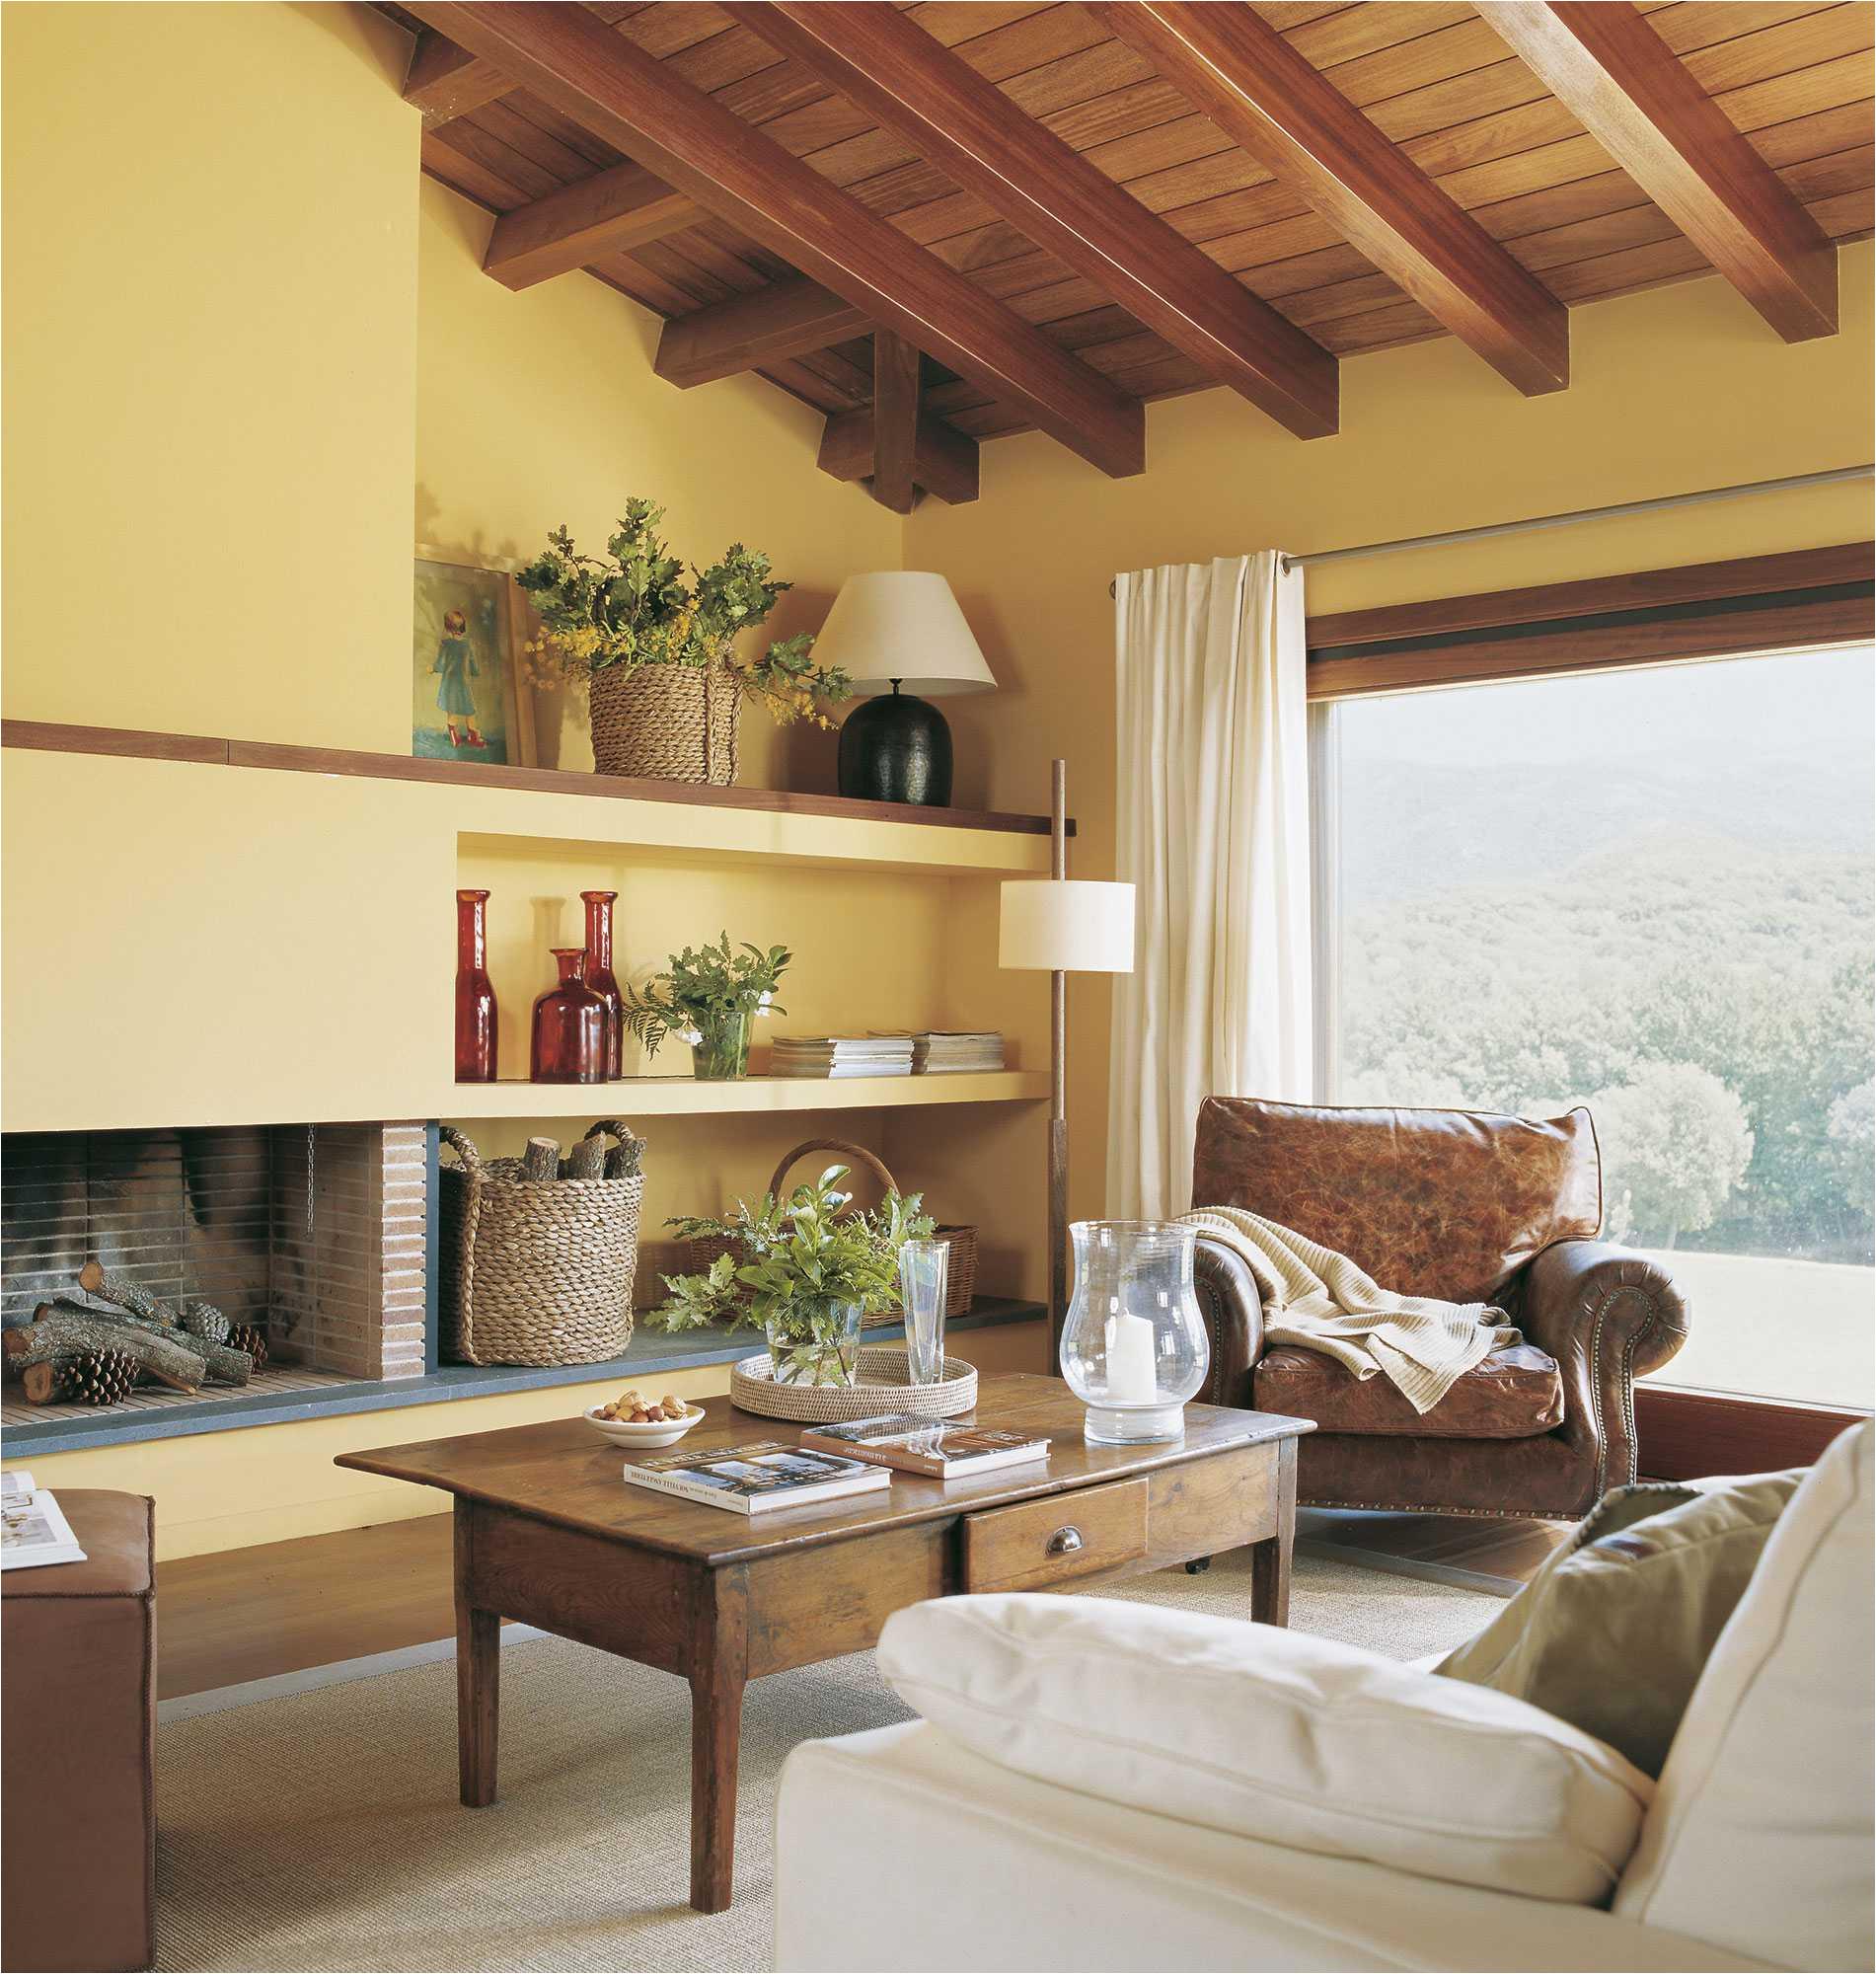 stunning colores para pintar un salon comedor imagenes con chimenea en amarillo modelos mi sala madera cuarto planos la casa exterior cocina with colores